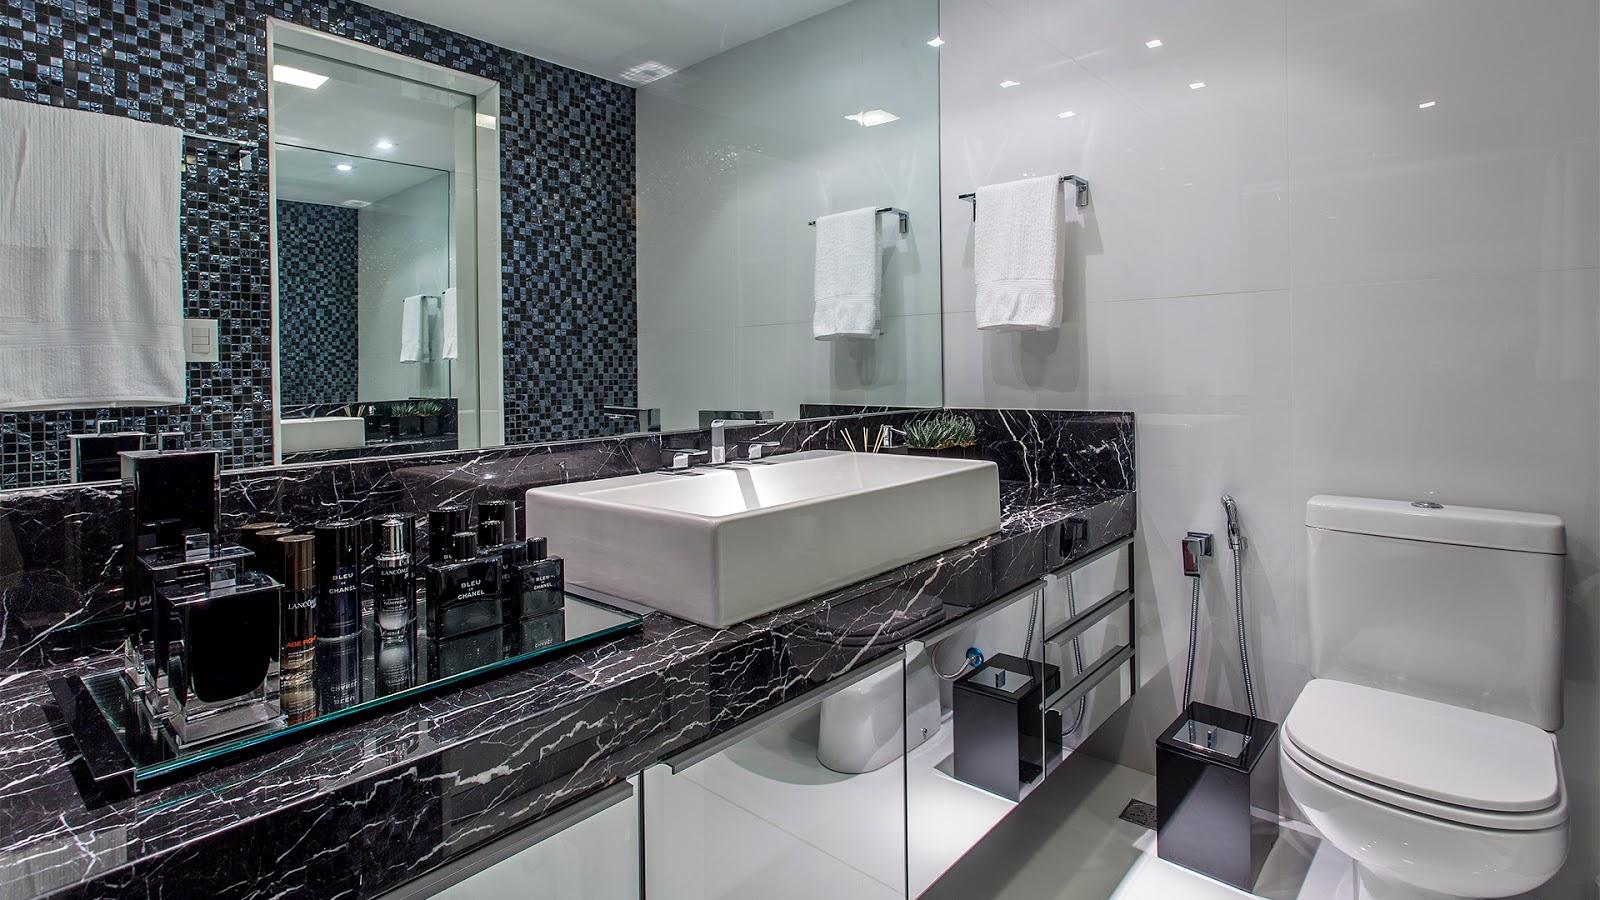 Banheiro Decorado Espelho  homefiresafetykitcom banheiros com pastilhas -> Banheiro Decorado Com Espelhos